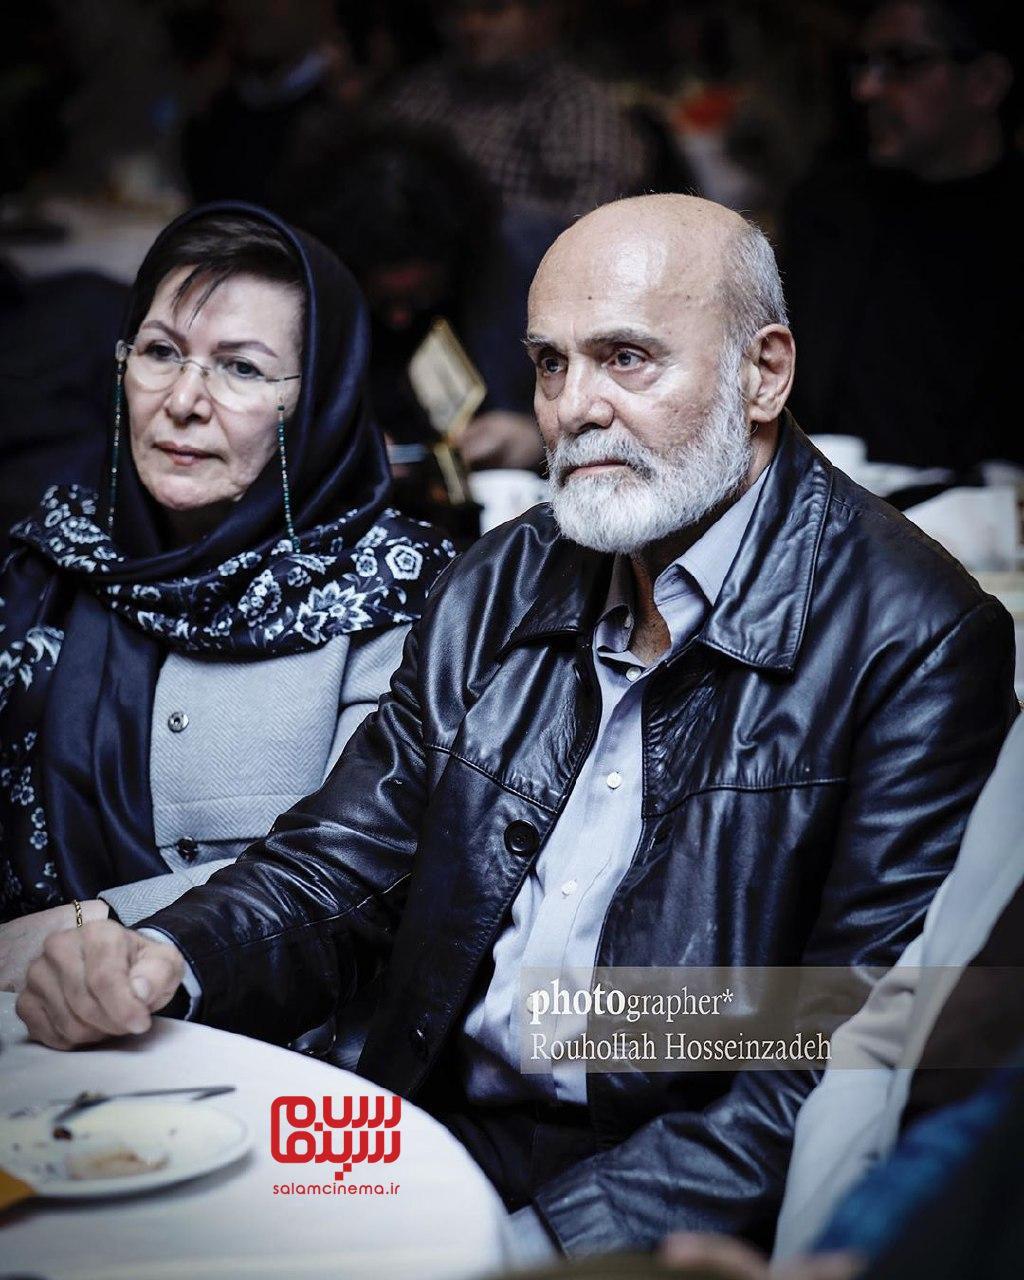 جمشید هاشم پور - سیزدهمین شب انجمن منتقدان و نویسندگان سینمای ایران